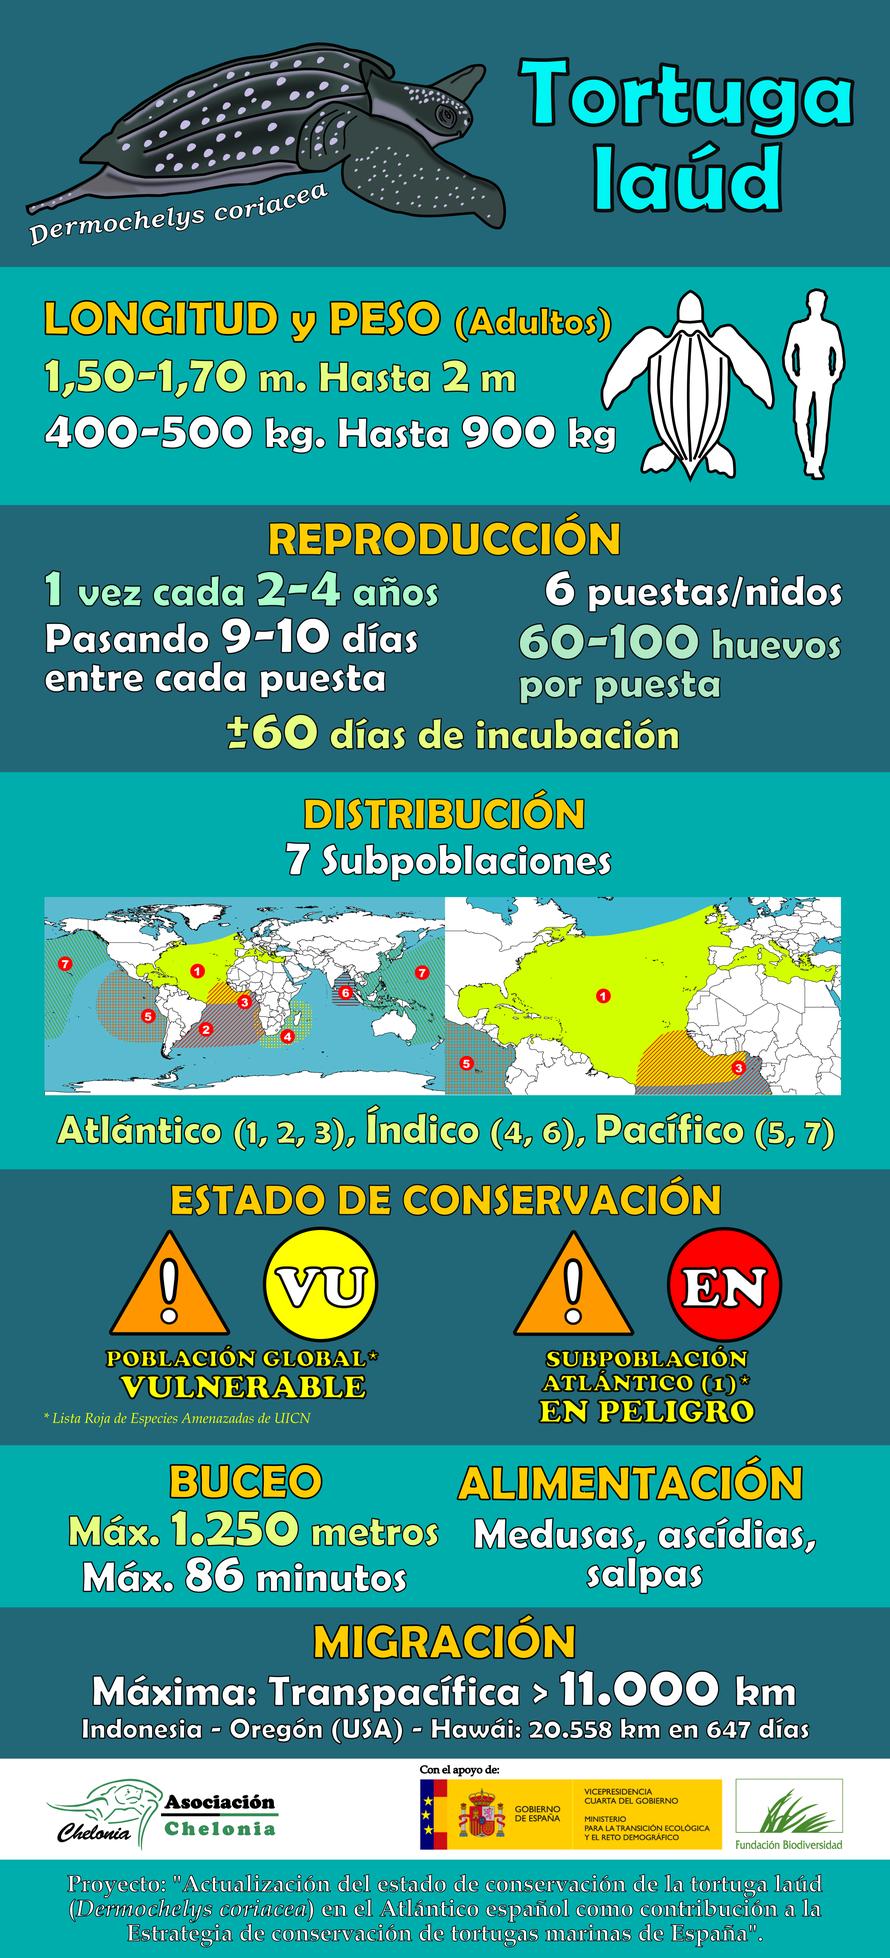 Infografía con datos generales de la tortuga laúd (Dermochelys coriacea)